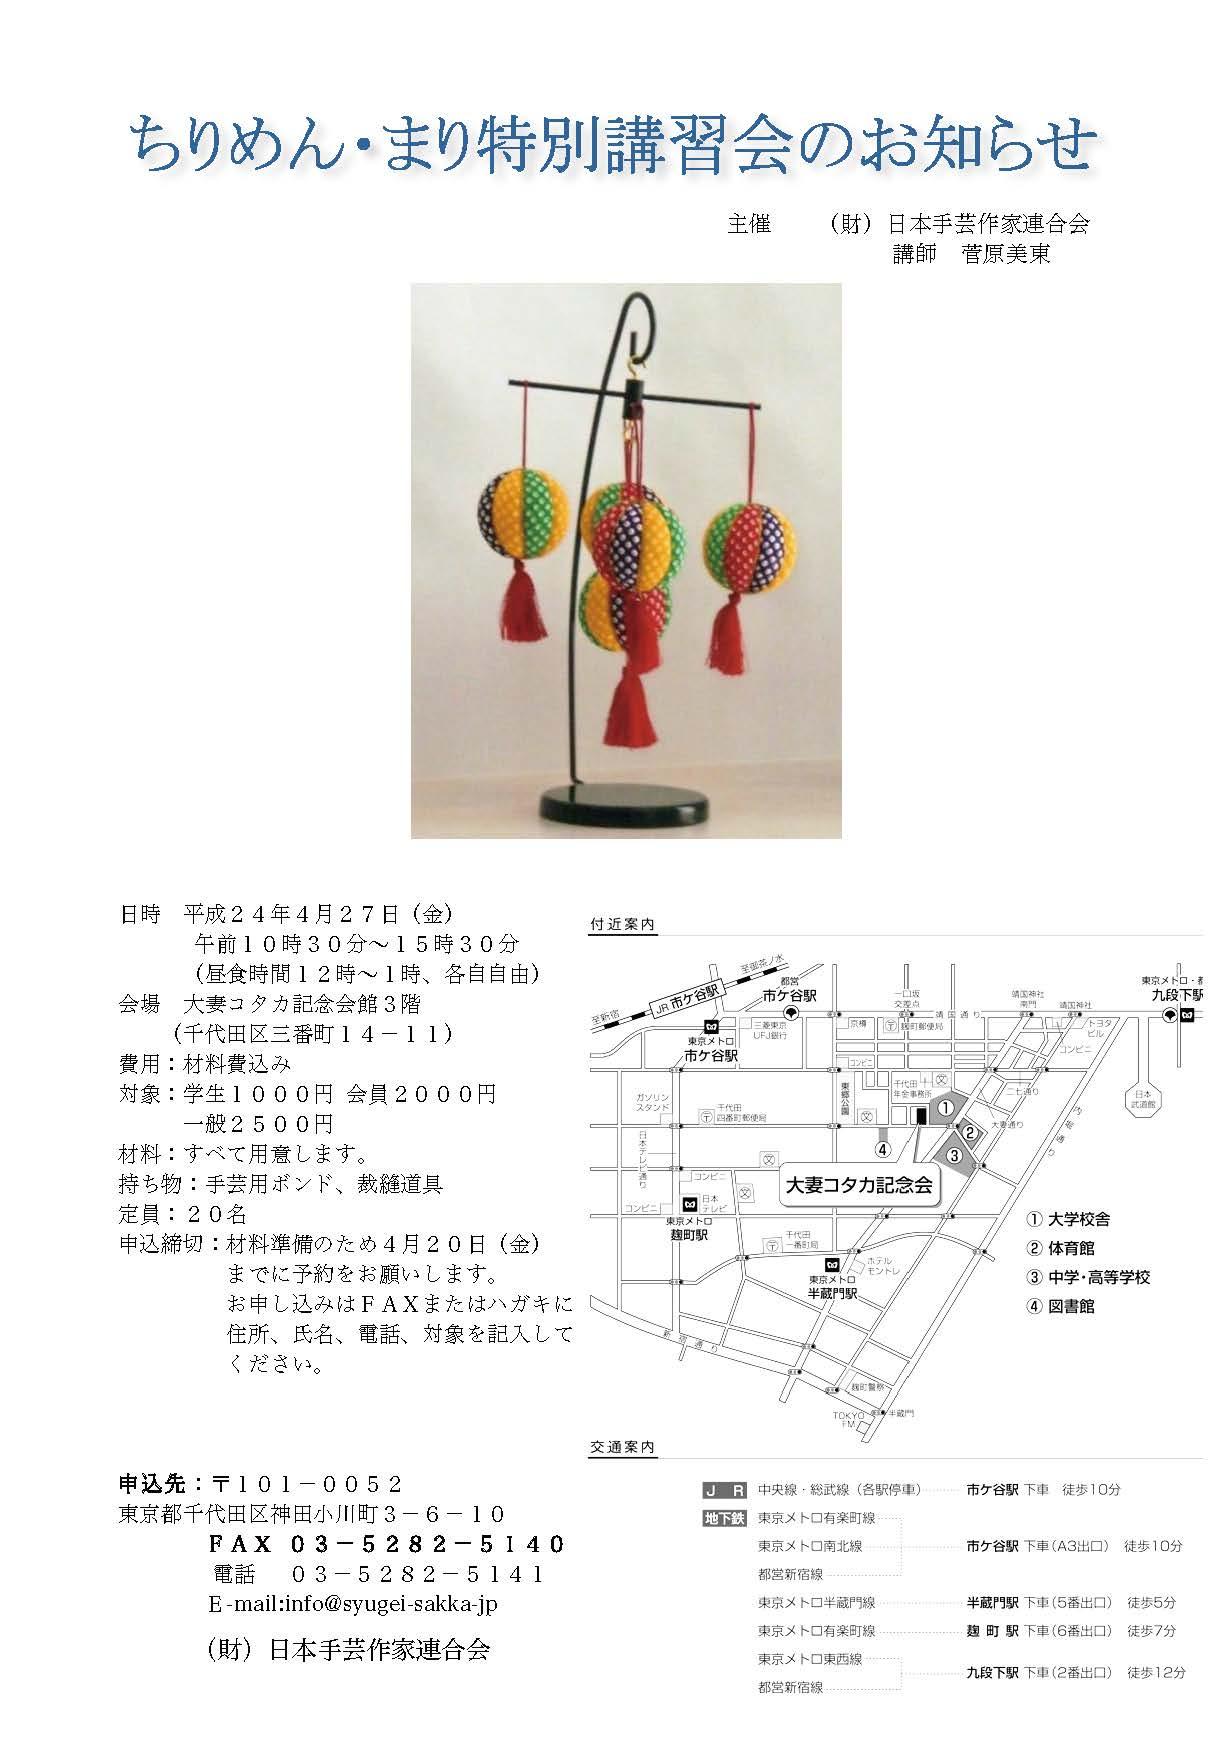 kousyukai-20120427